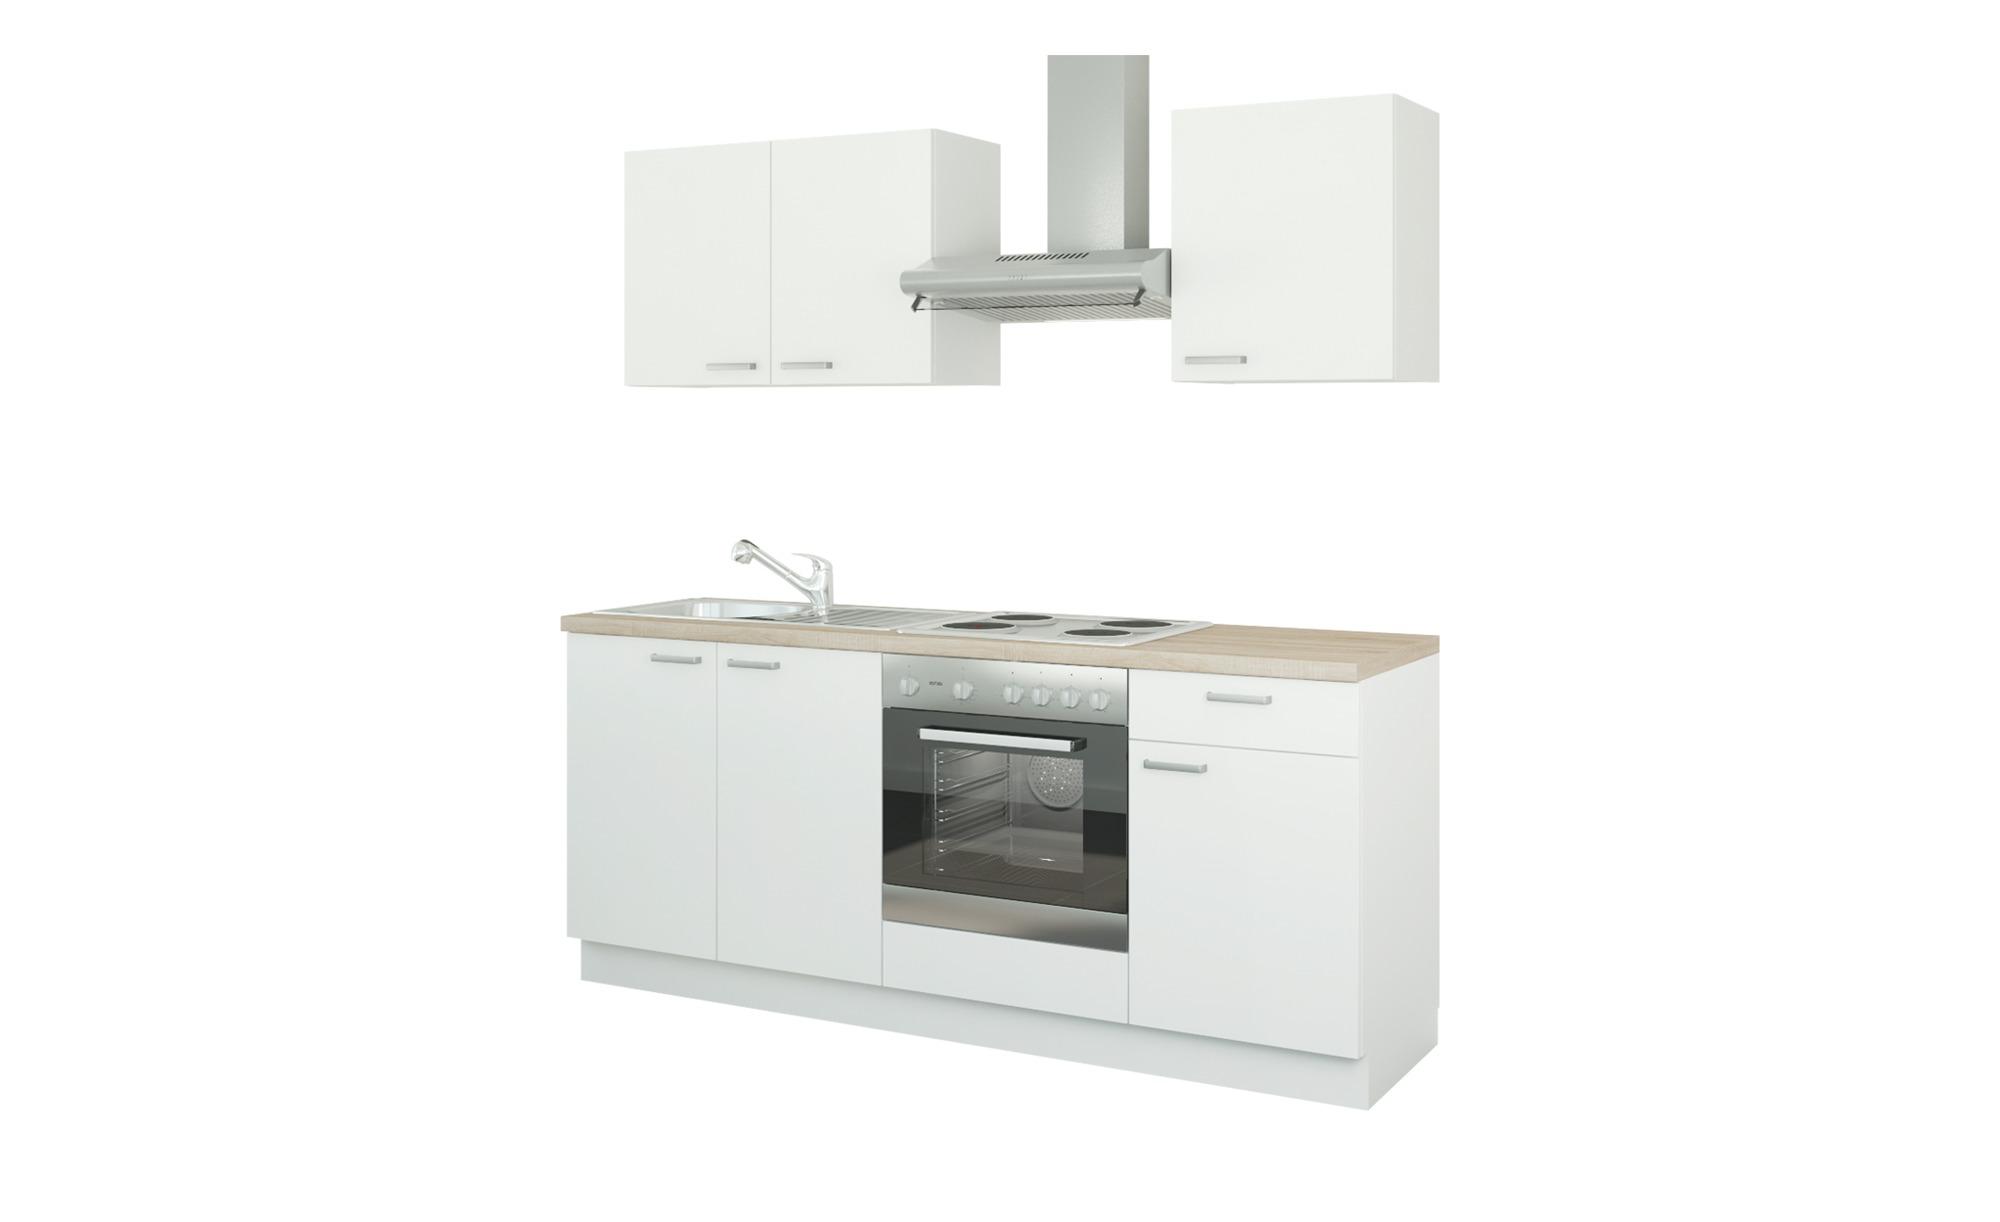 Küchenzeile mit Elektrogeräten  Ahlen ¦ weiß ¦ Maße (cm): B: 200 Küchen > Küchenblöcke mit E-Geräten - Höffner